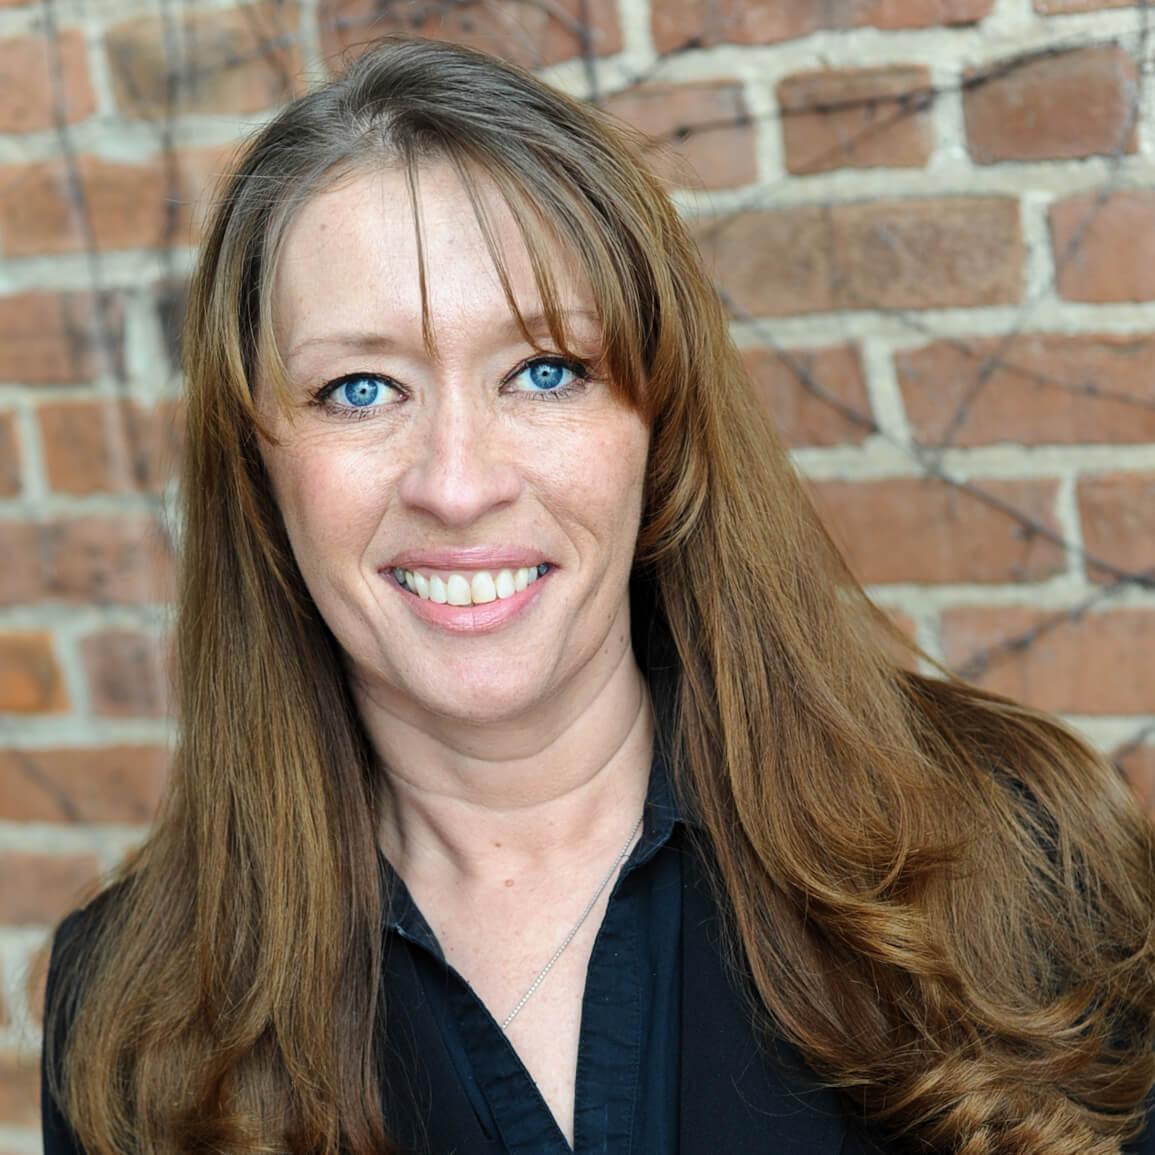 Wendi Reuter